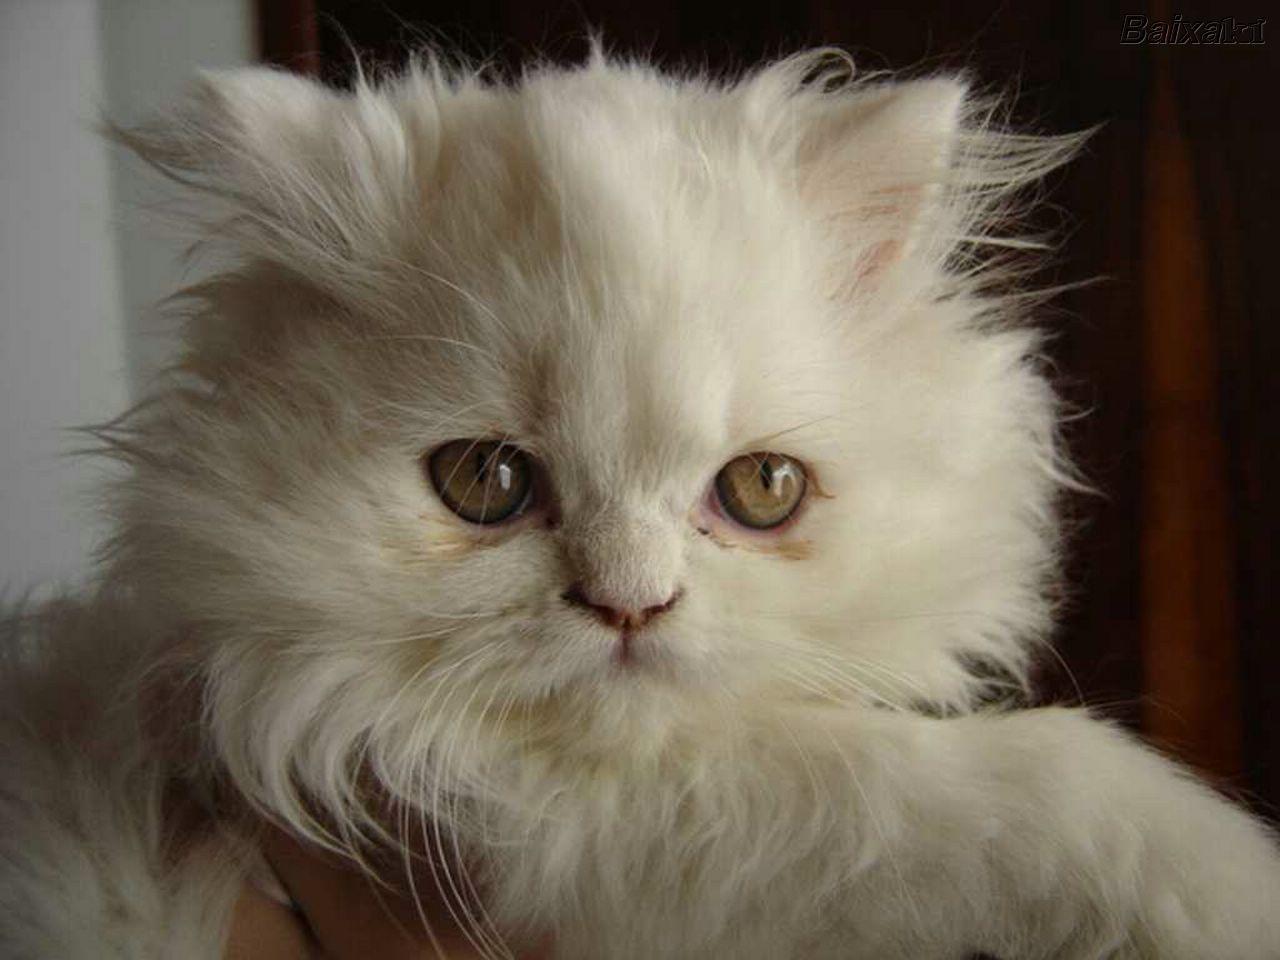 Los gatos pueden ser peludos, más peludos o peludísimos